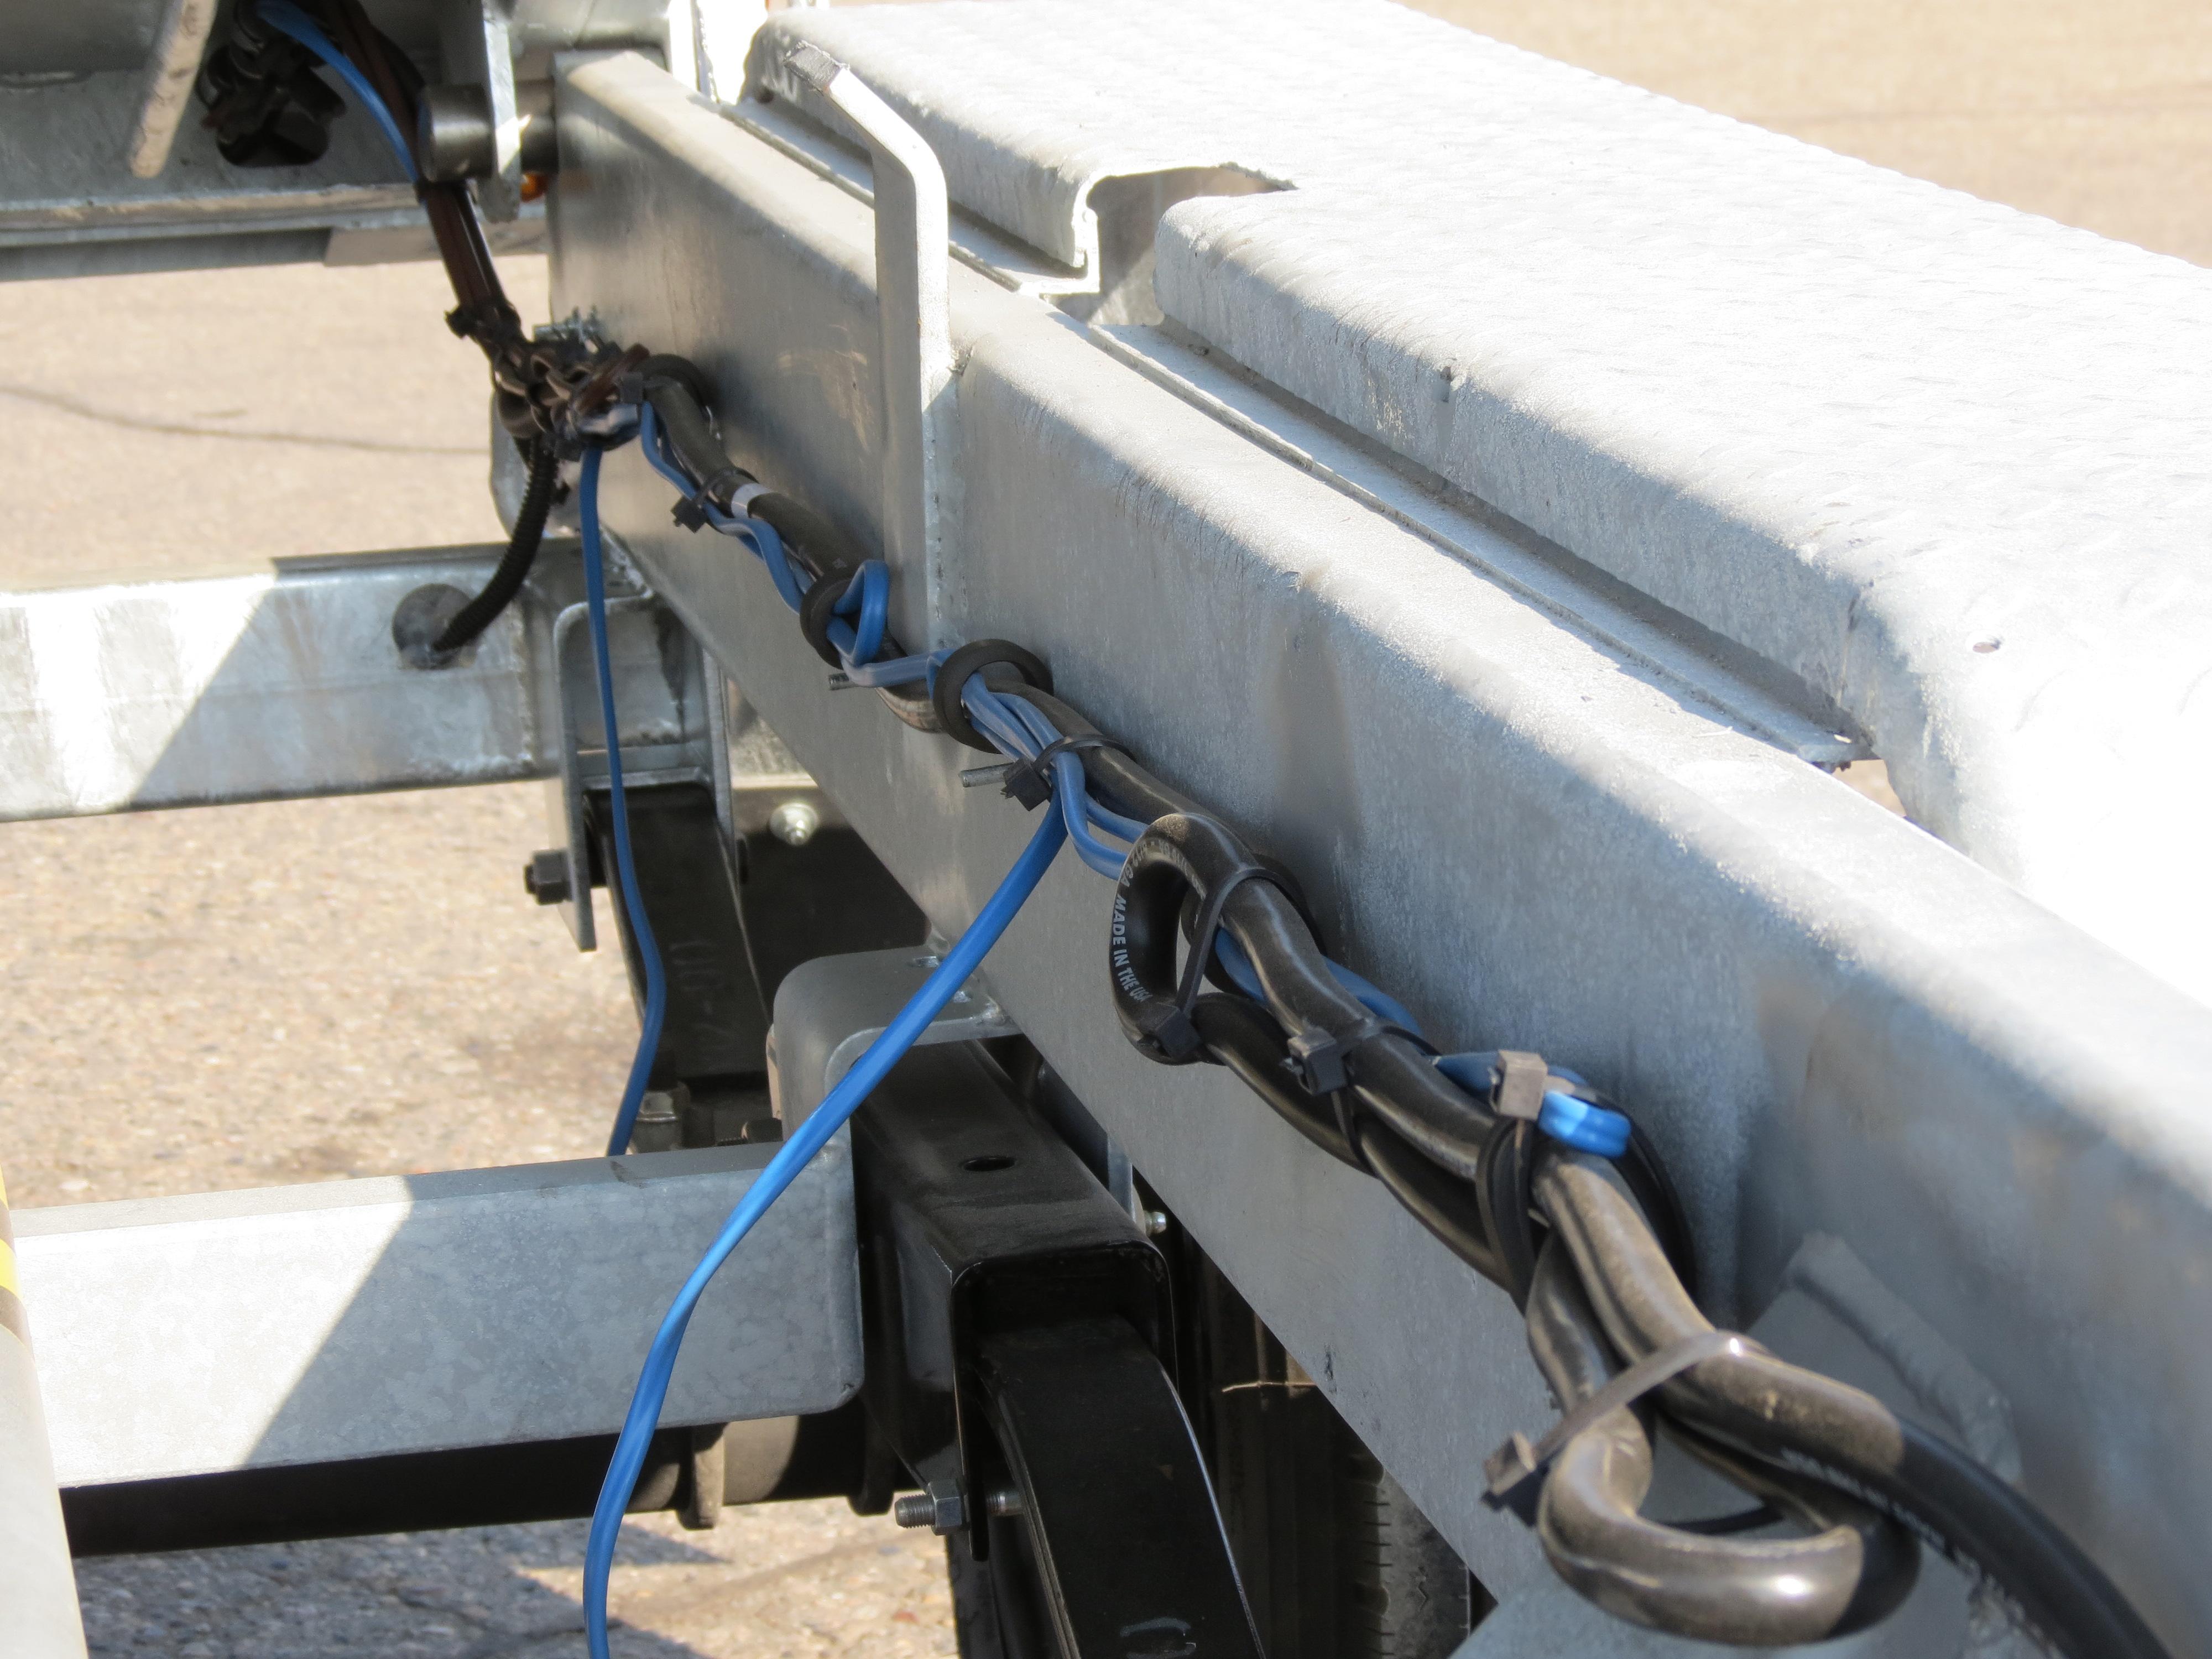 Interstate 1 trailer wiring diagram 7 pin 7 pin trailer tools, 7 Interstate Cargo Trailer Wiring Diagram Dump Trailer Wiring Harness 7-Way Plug Wiring Diagram